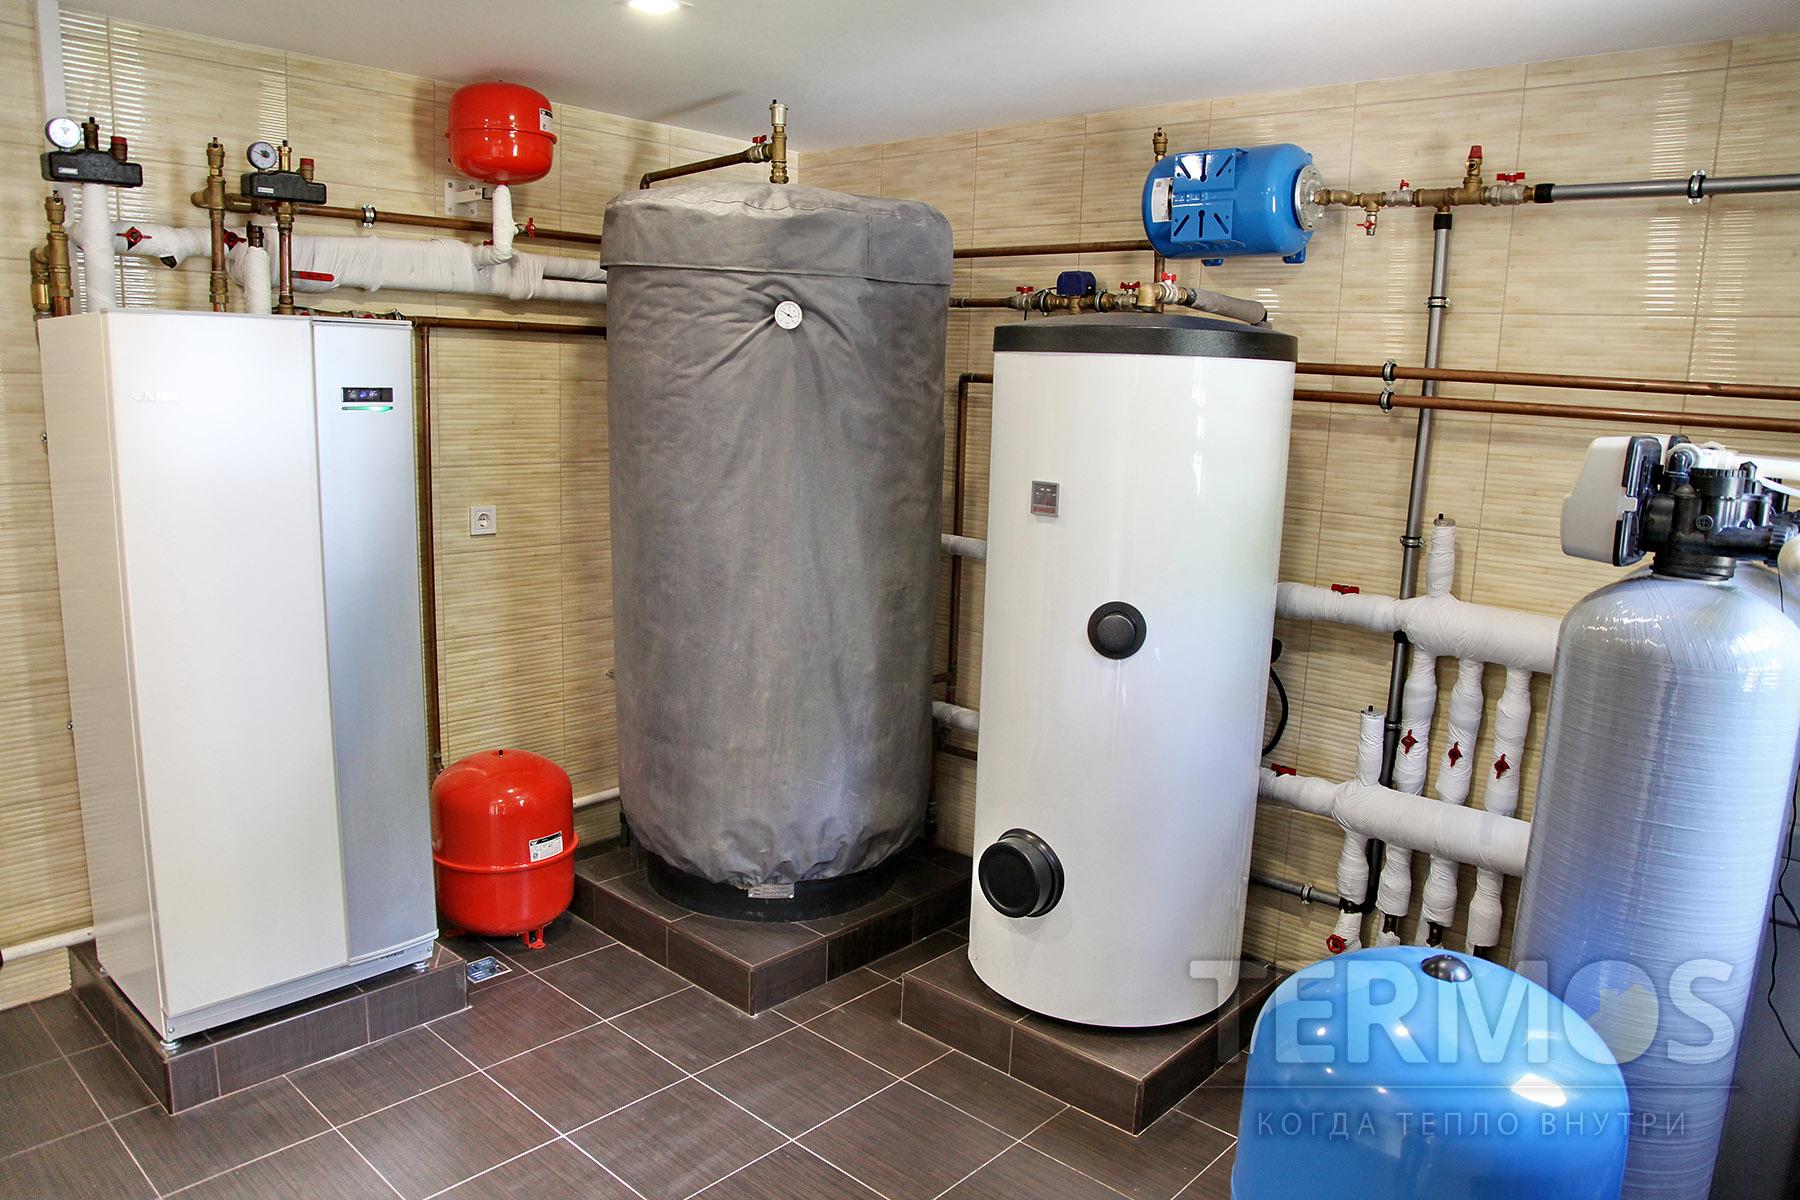 с. Мархалевка. Дом 260 кв м. Тепловой насос обеспечивает отопление дома и приготовление ГВС в 300 л эффективном бойлере. Буферная емкость позволяет аккумулировать тепло вовремя ночного тарифа